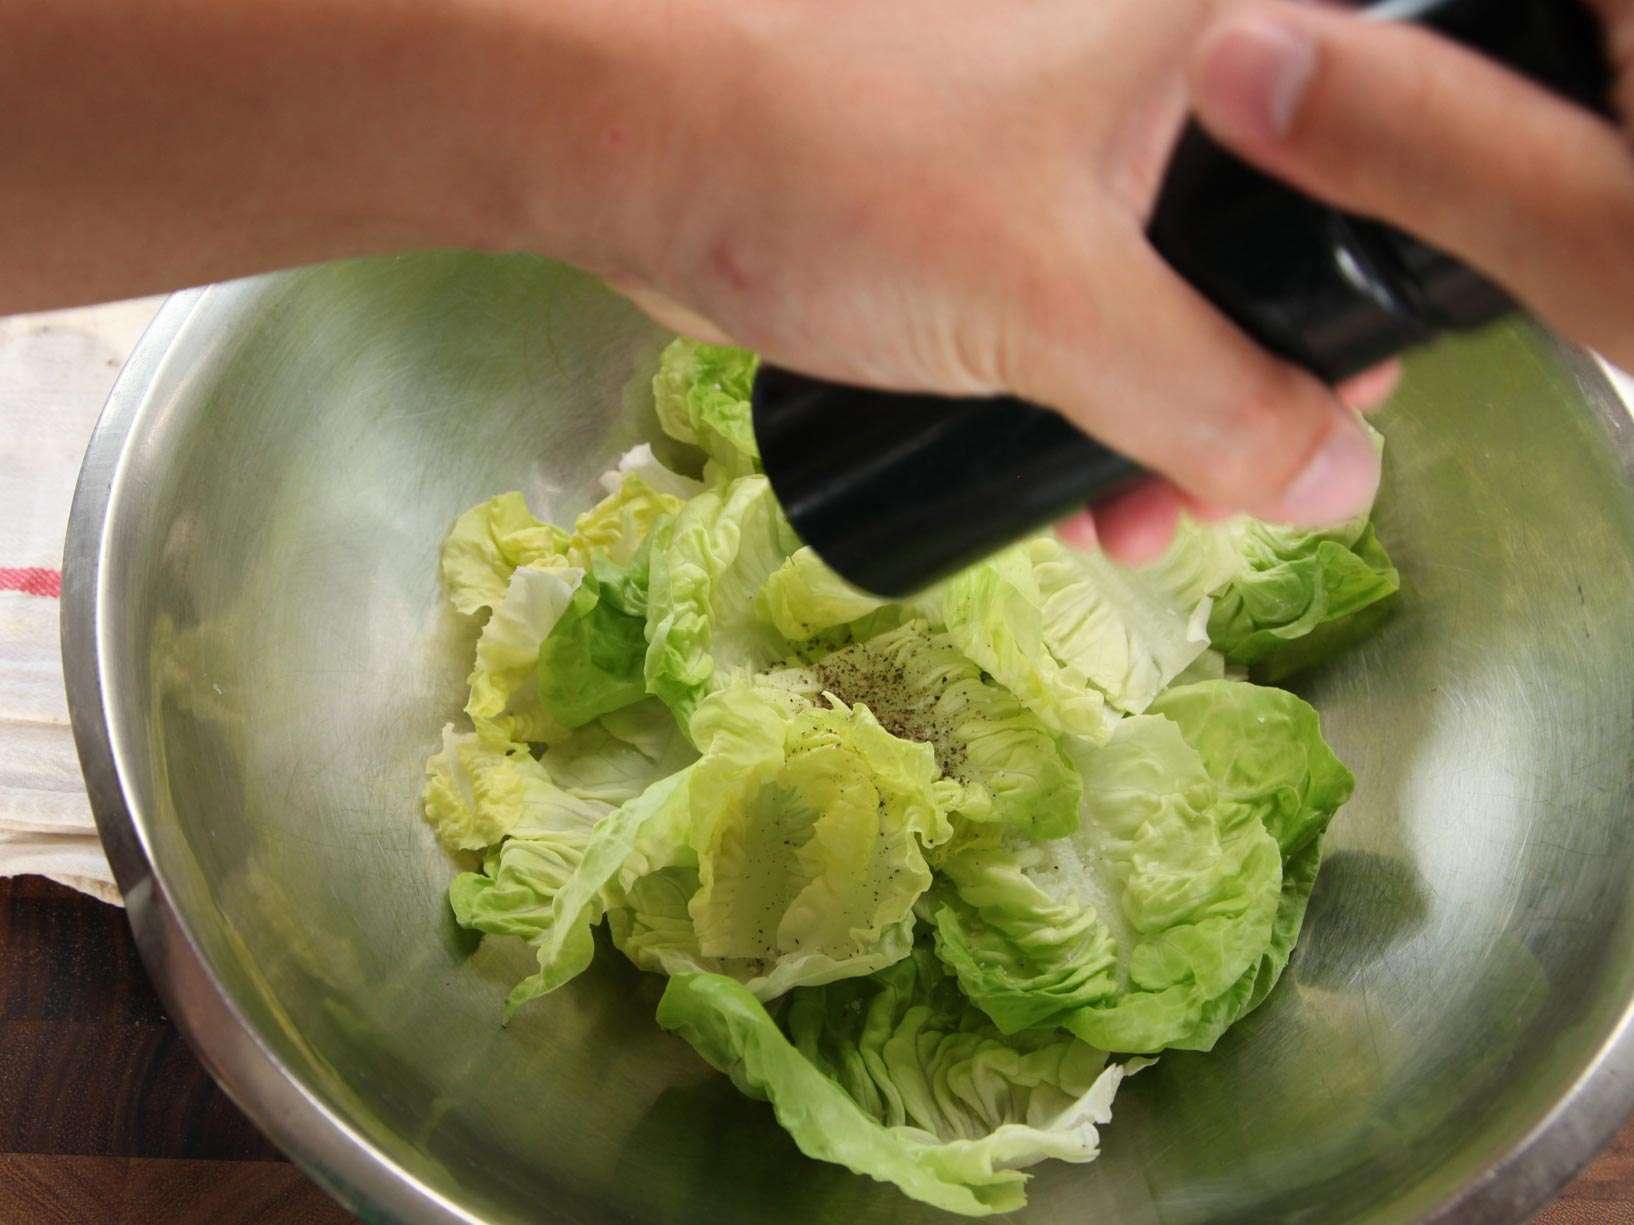 20140930-how-to-dress-a-salad-vinaigrette-13.jpg